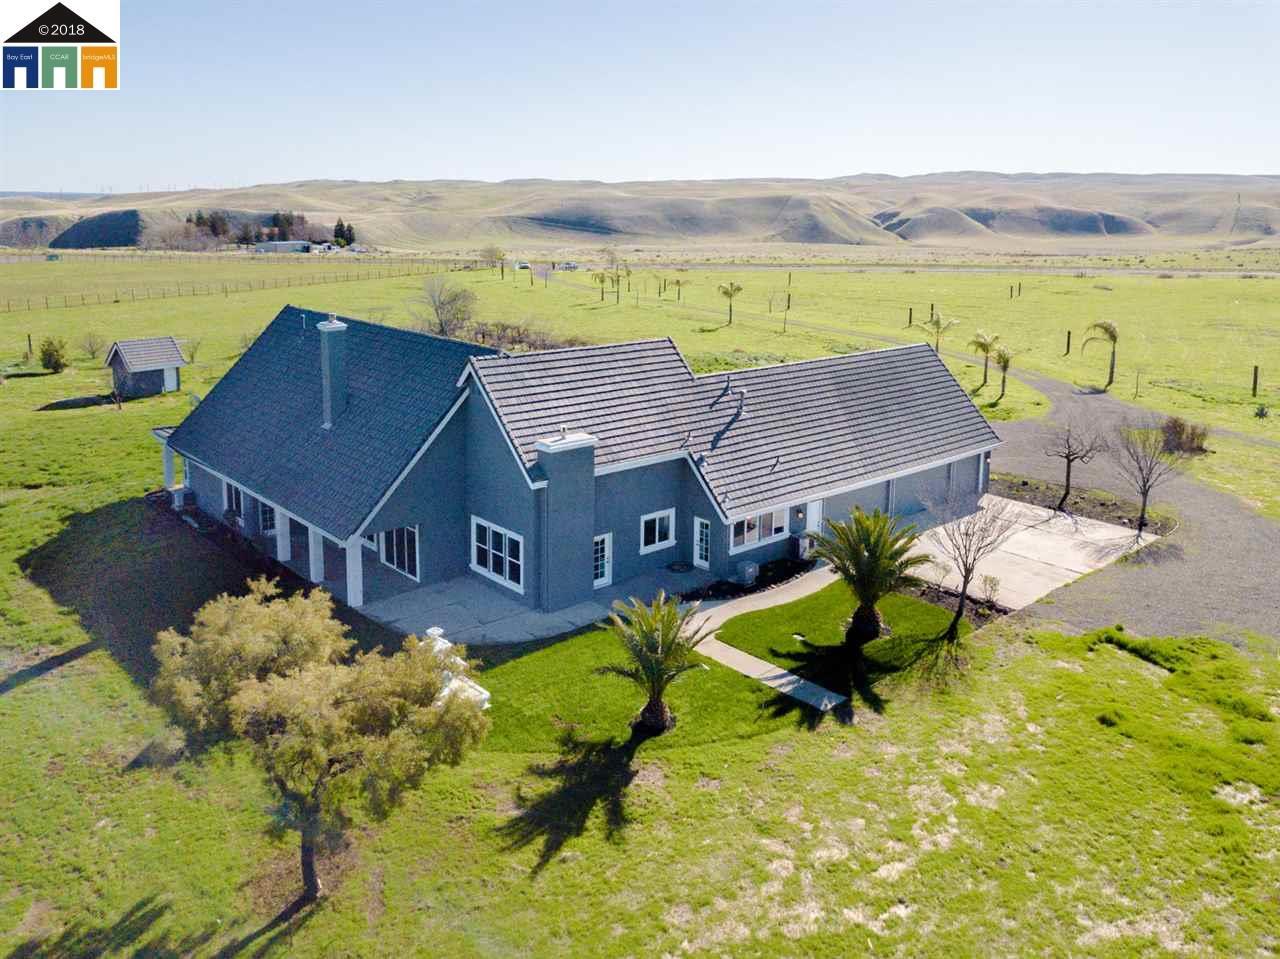 Частный односемейный дом для того Продажа на 22090 Arburua 22090 Arburua Los Banos, Калифорния 93635 Соединенные Штаты